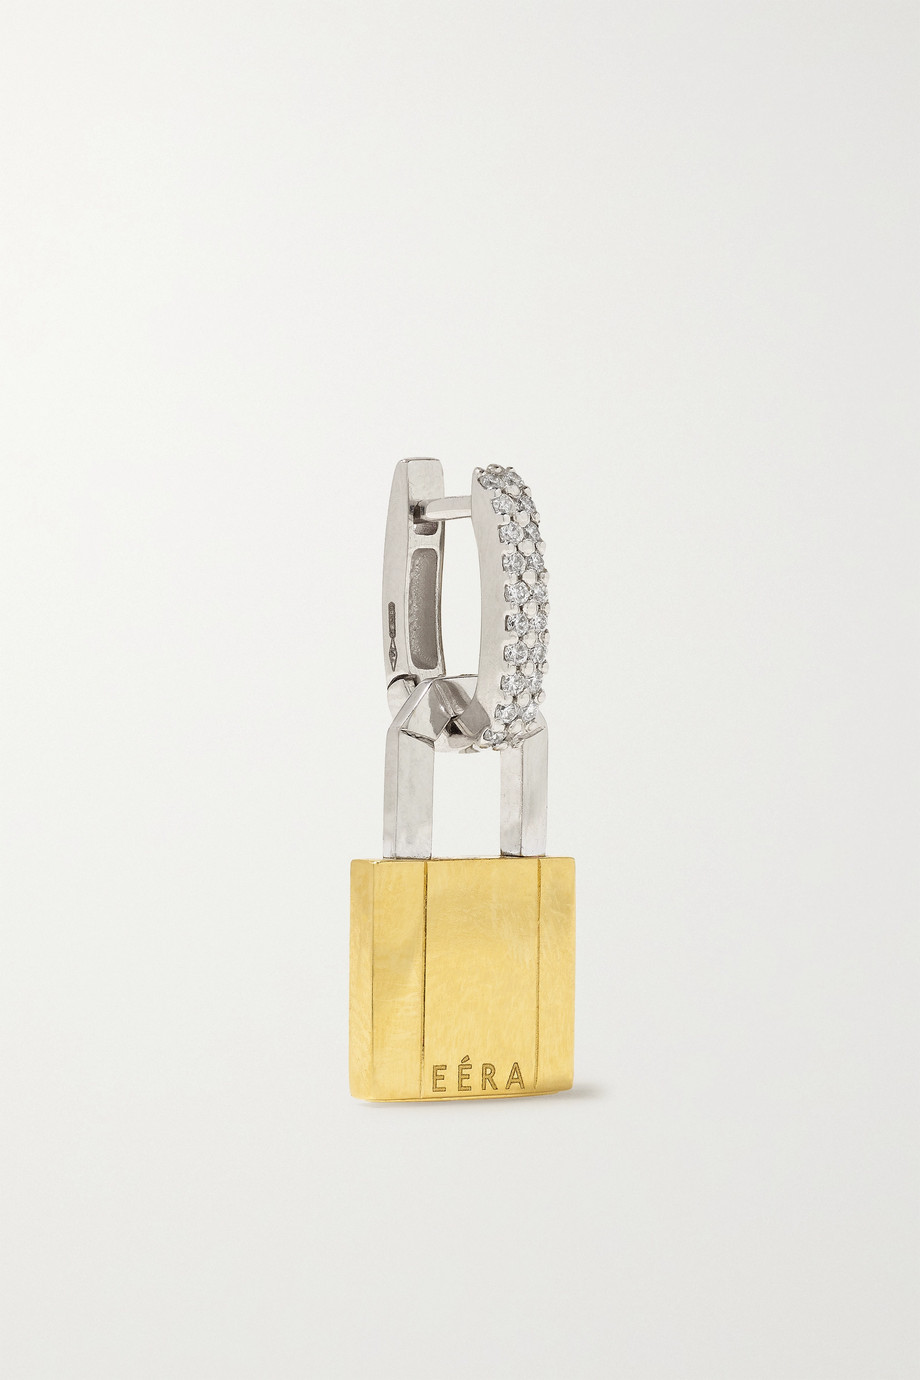 EÉRA Small Lock einzelner Ohrring aus Weiß- und Gelbgold mit Diamanten